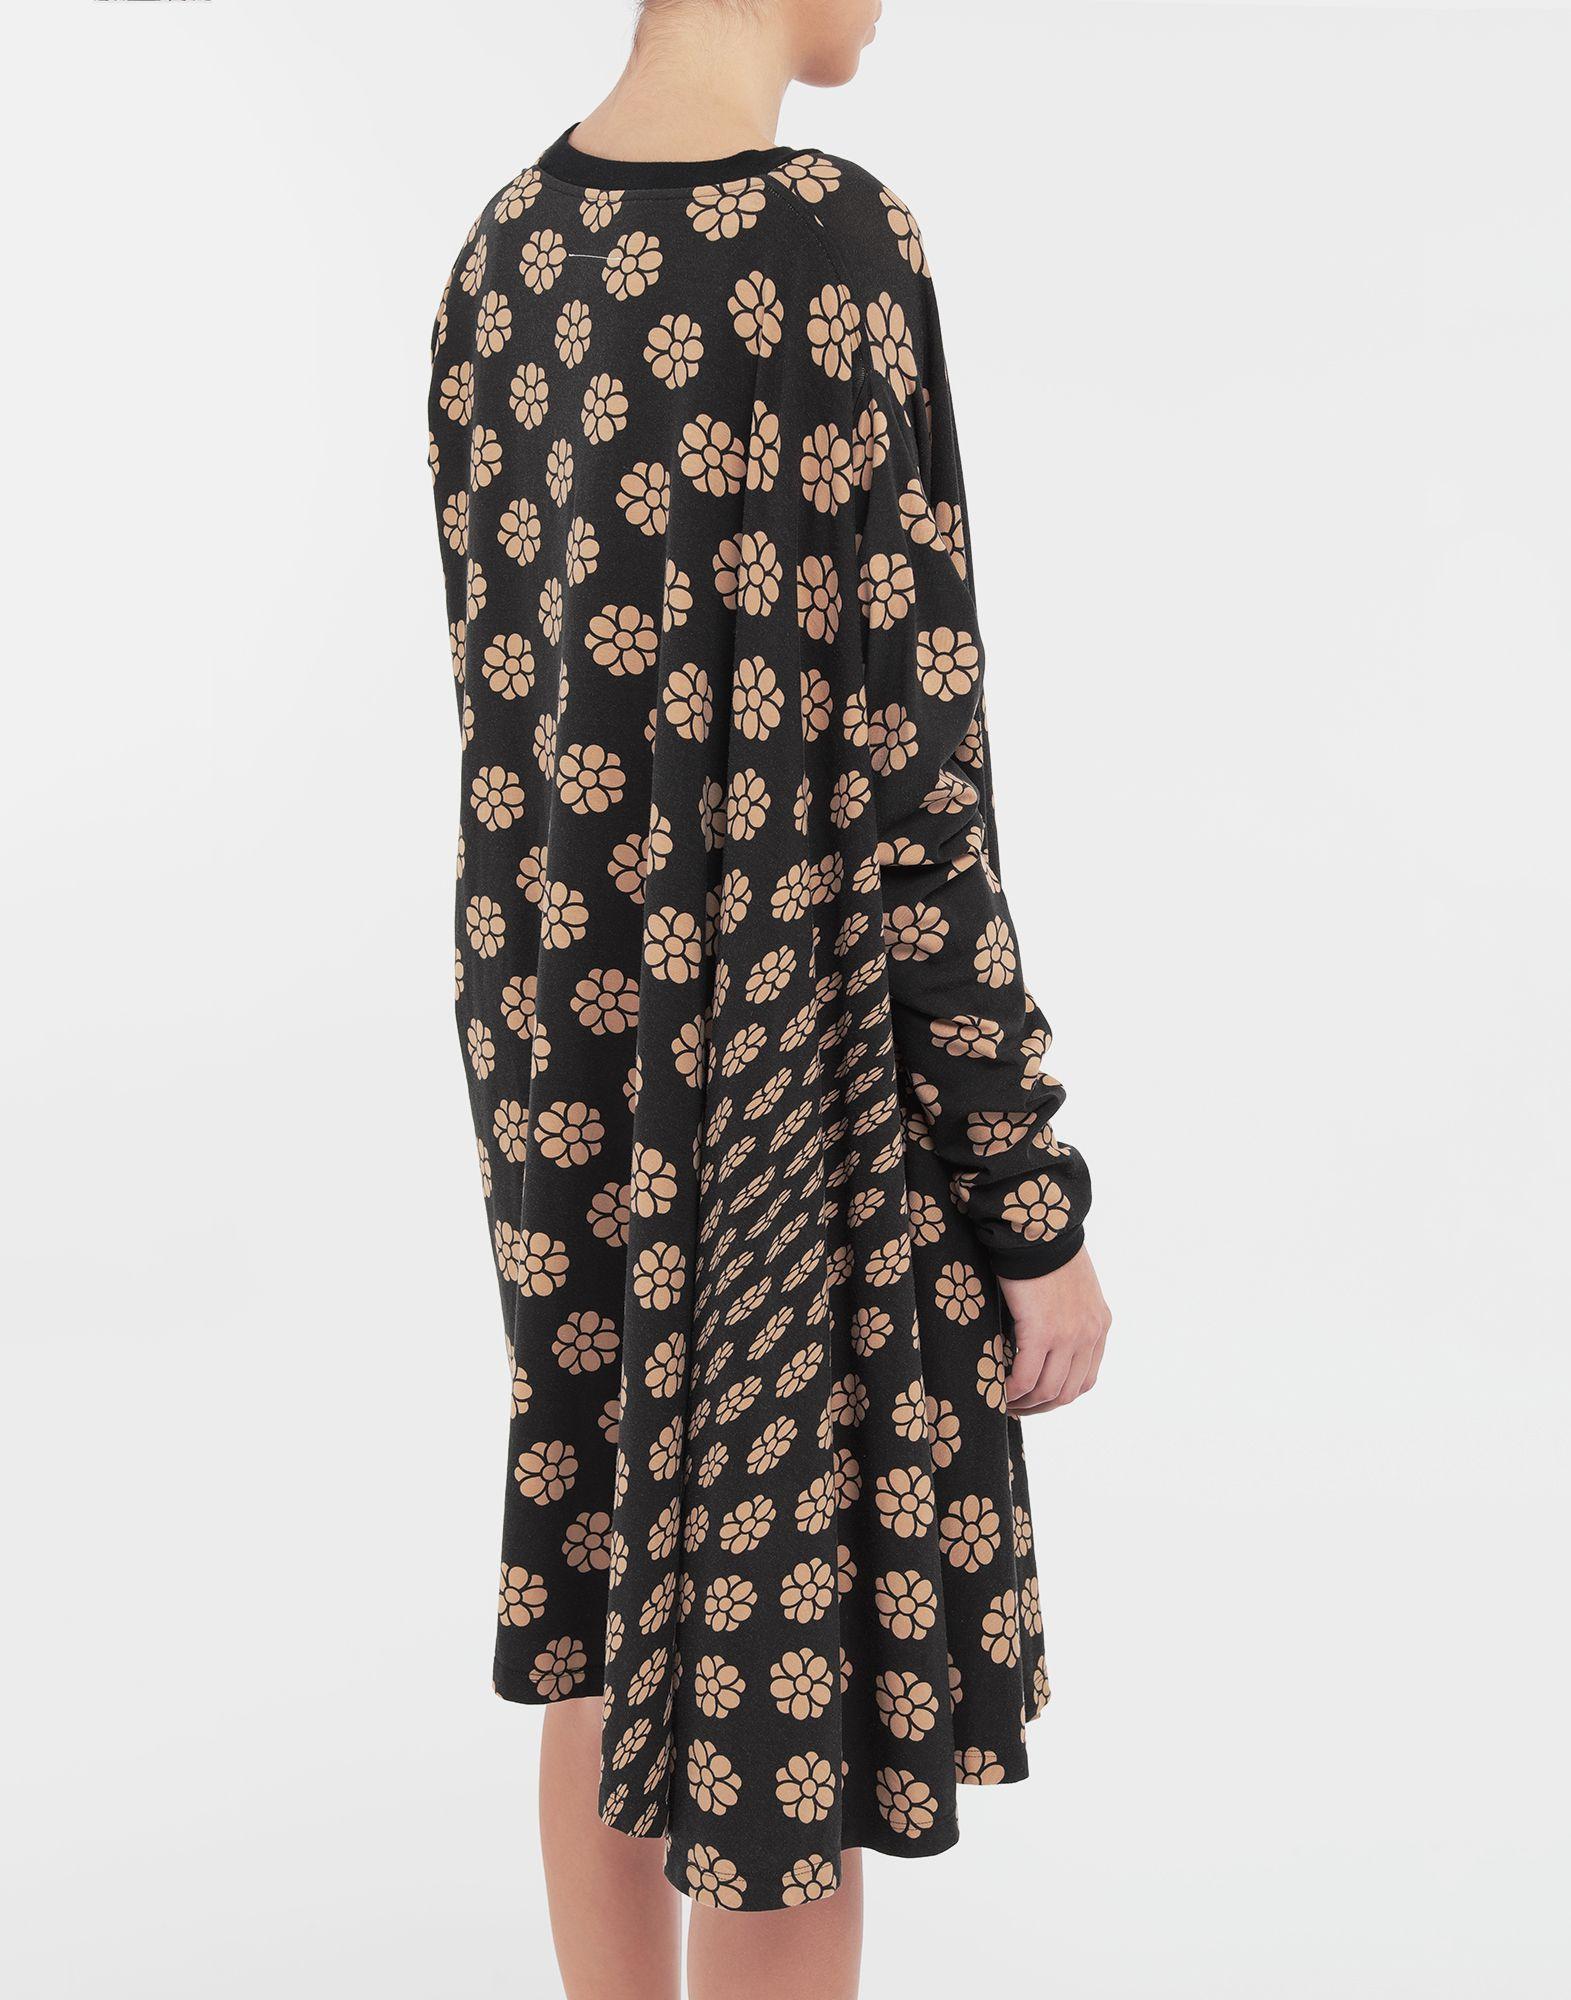 MM6 MAISON MARGIELA Polka dot flower-print shirt dress Short dress Woman b